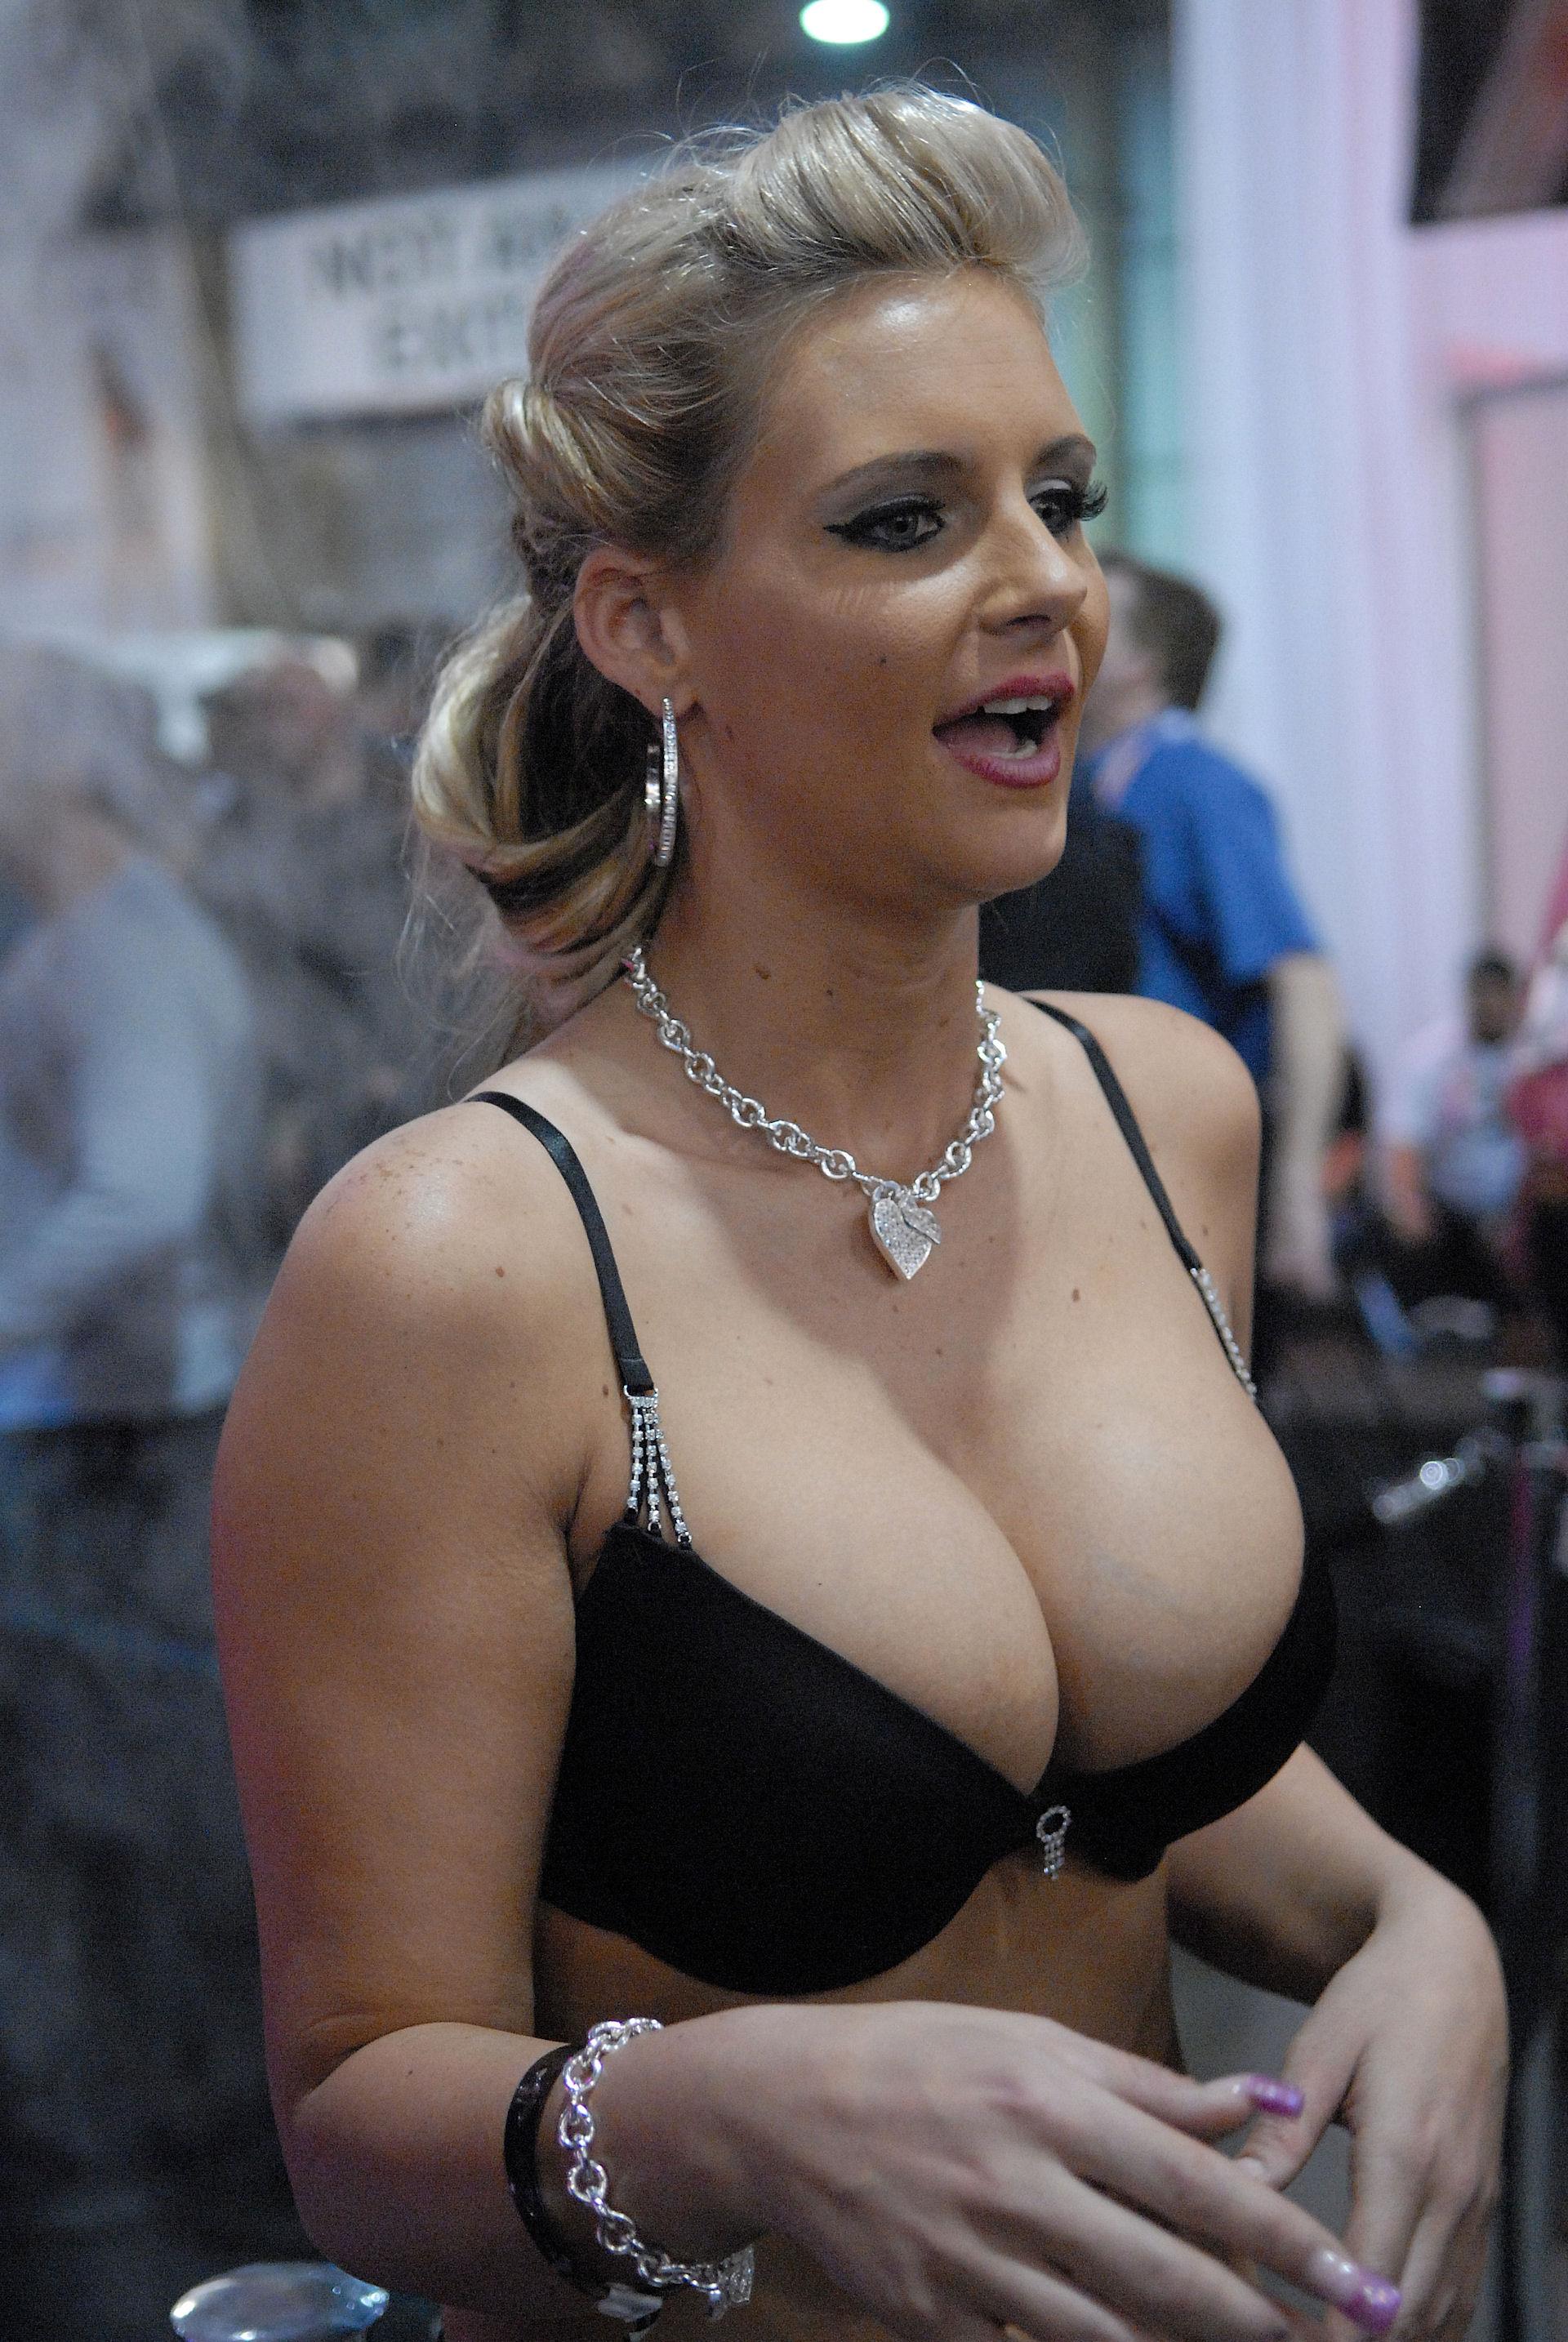 Классный порно феникс мария фотосессия скандал секс реально